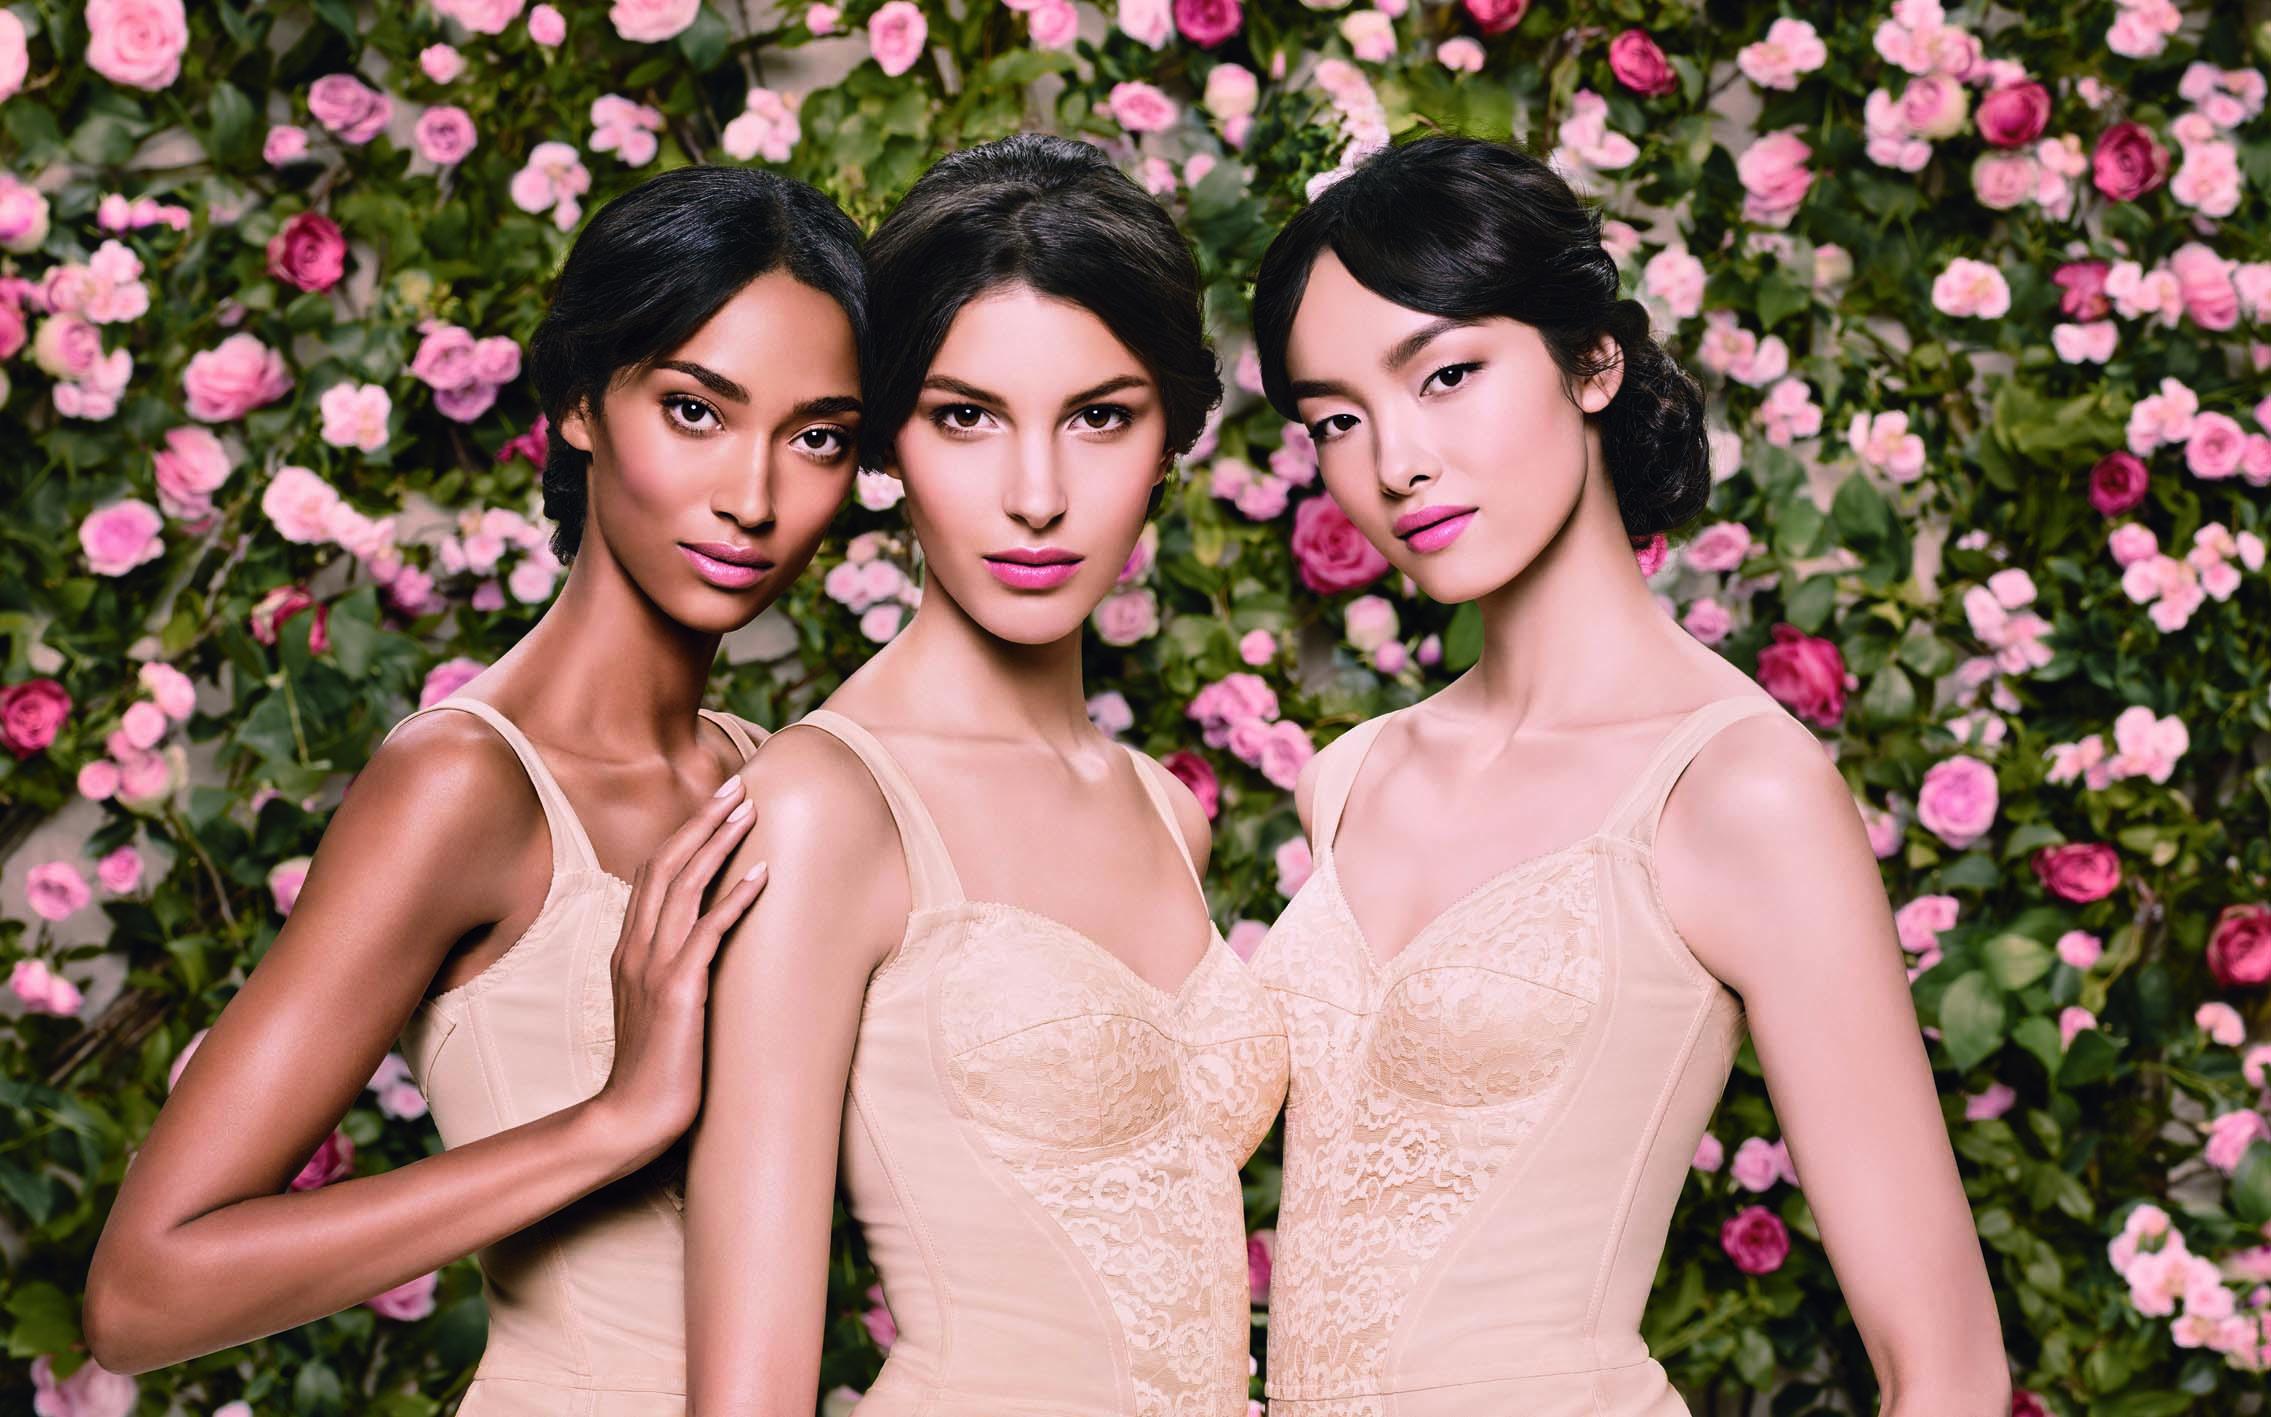 Visual publicitario de Dolce & Gabbana Skincare, la primera línea de cuidado facial de la marca